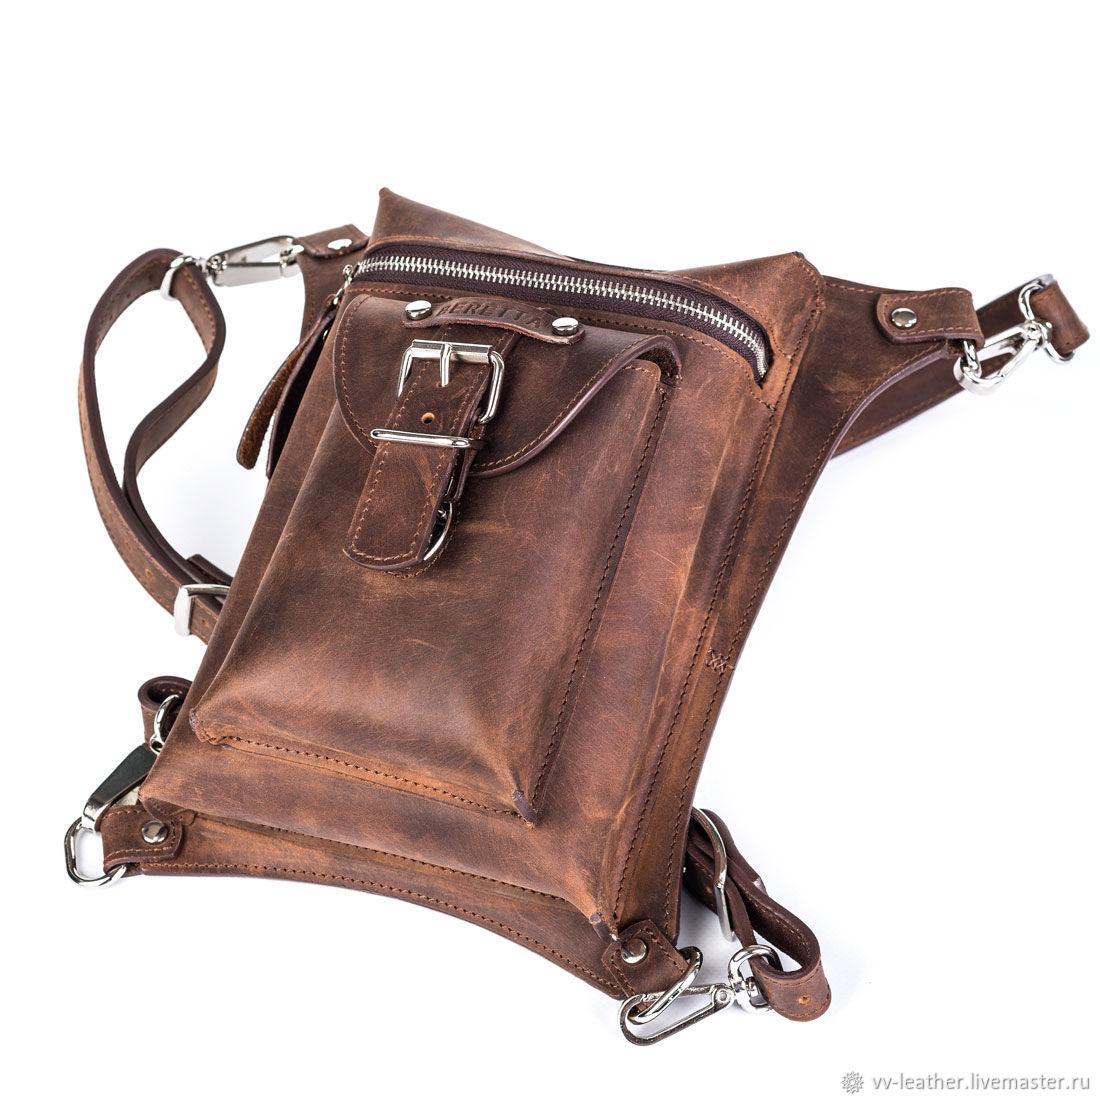 Мужские сумки ручной работы. Ярмарка Мастеров - ручная работа. Купить Сумка кожаная набедренная Mod.SN_001. Handmade. Коричневый